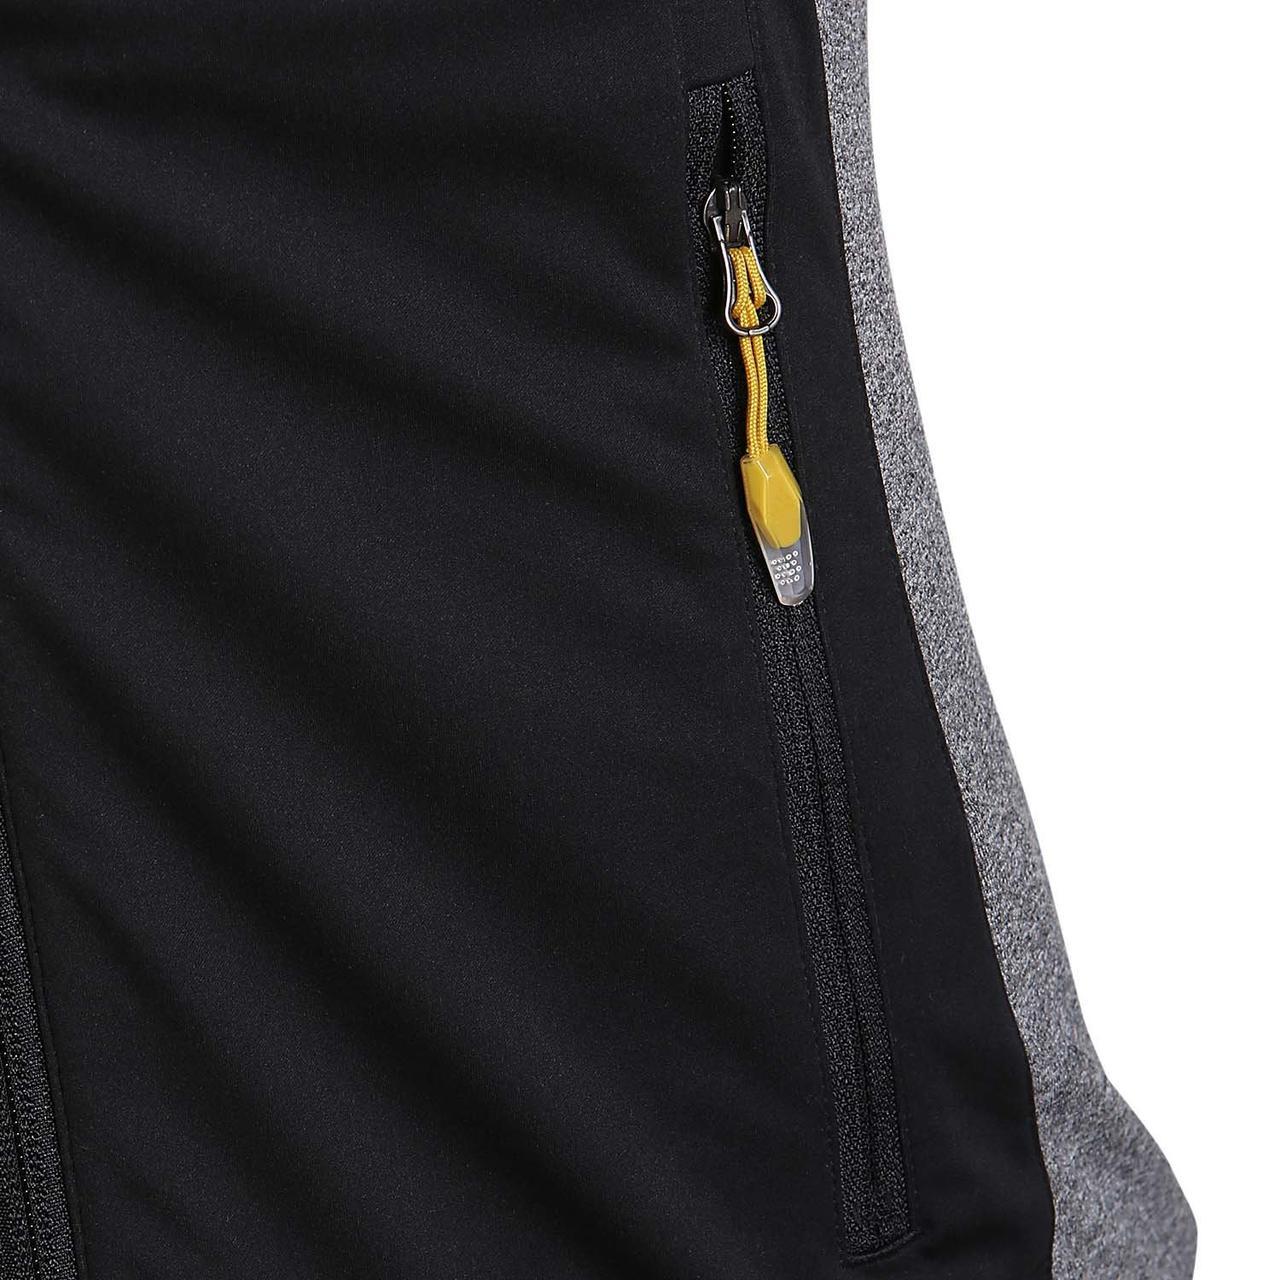 6d1832c7a66b ... Олимпийка спортивная мужская adidas Xperior S92304 (серая, для бега,  молния, профессиональная, ...